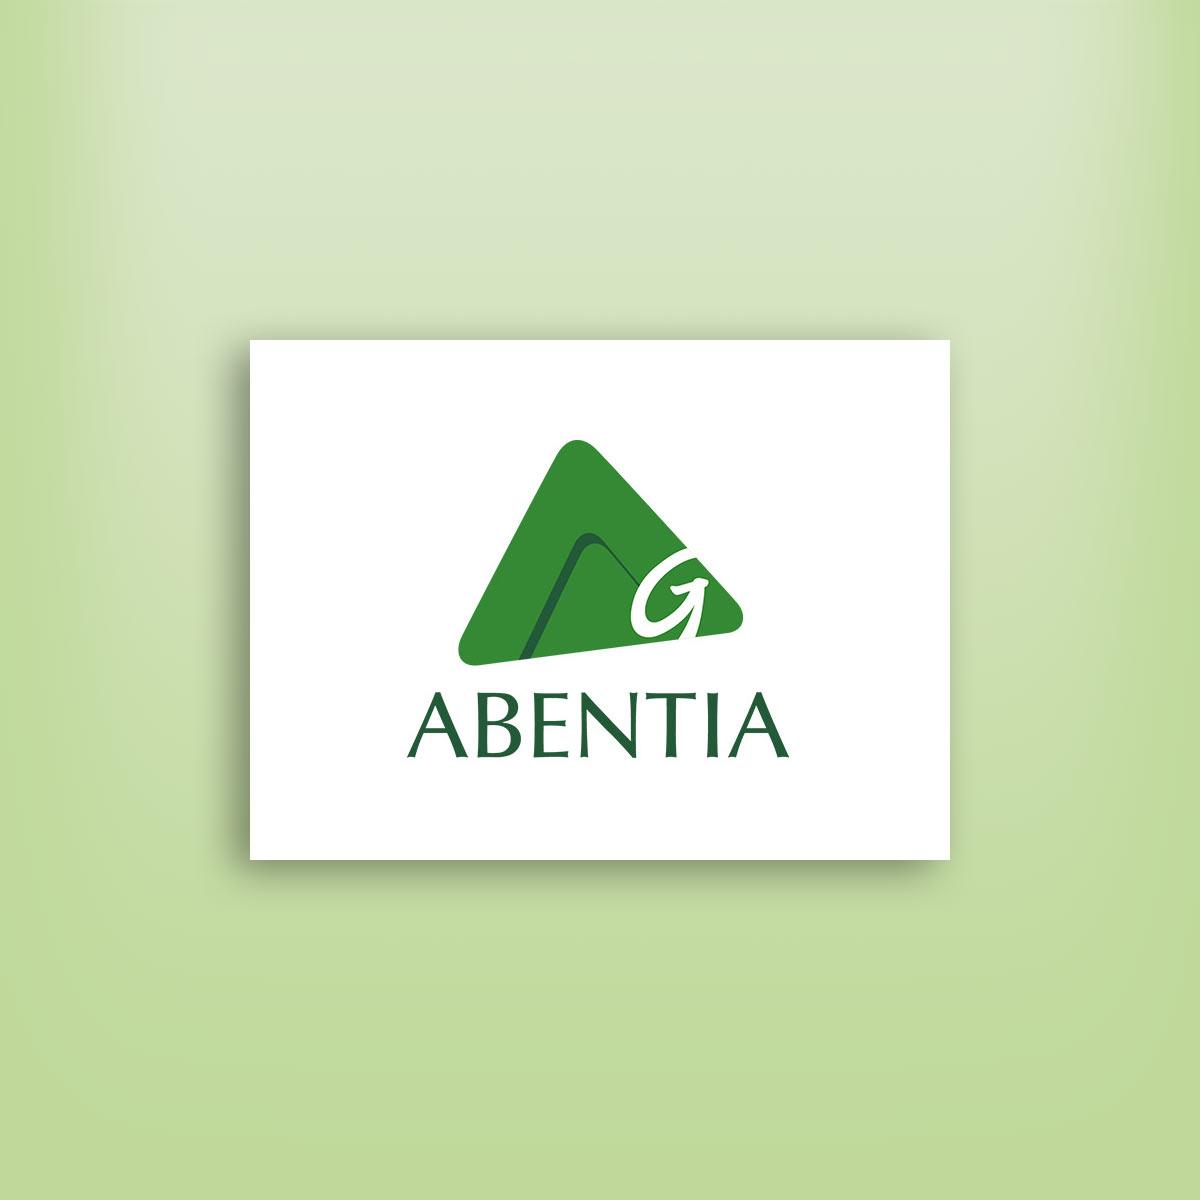 diseño de logotipo abentia